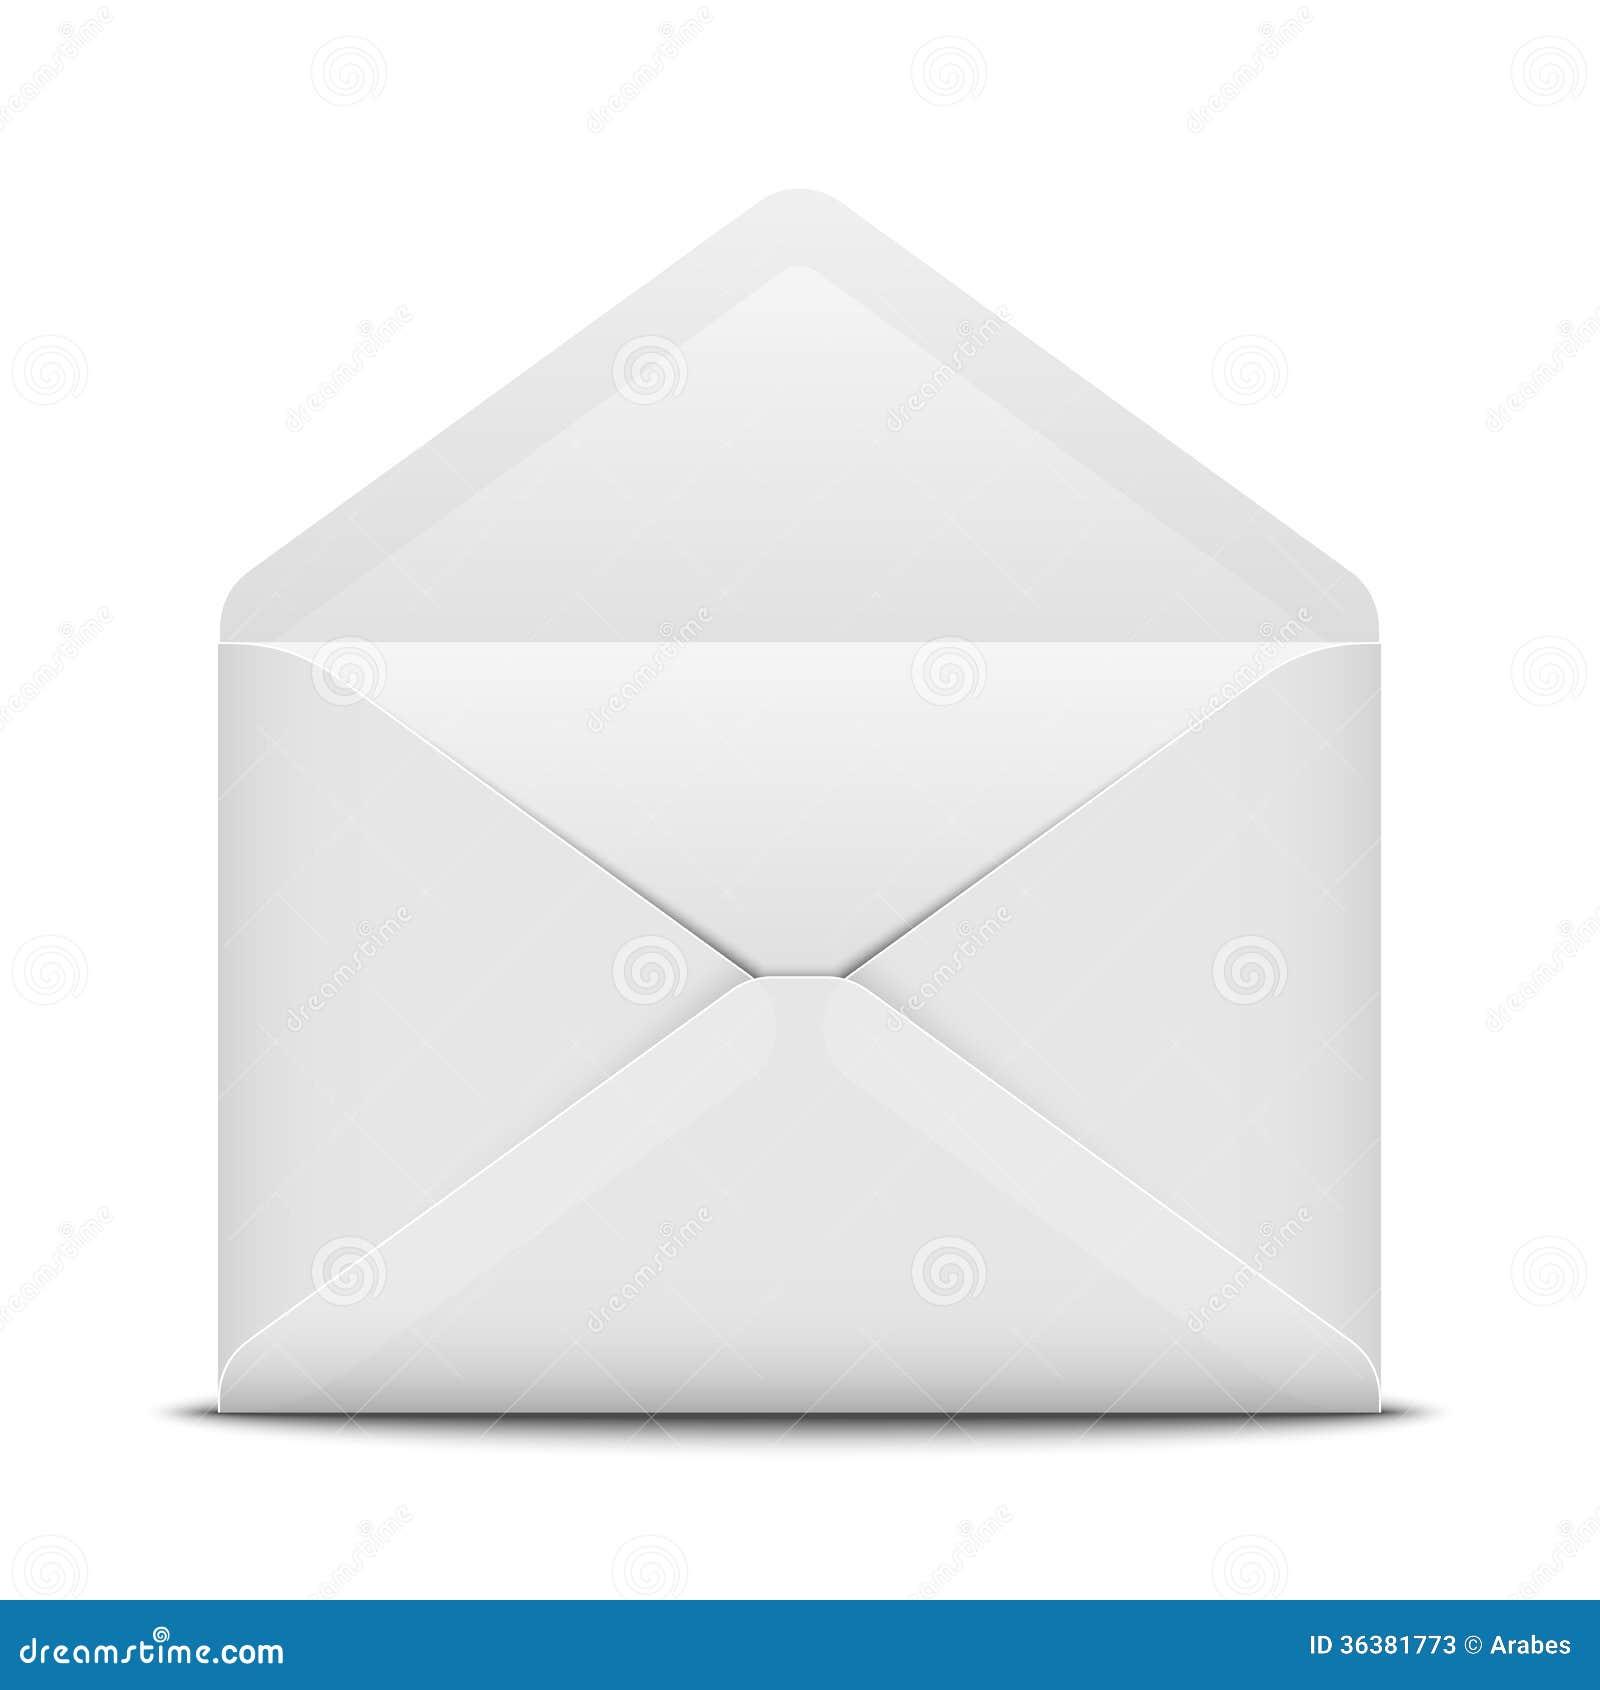 Open envelope stock illustration. Illustration of object